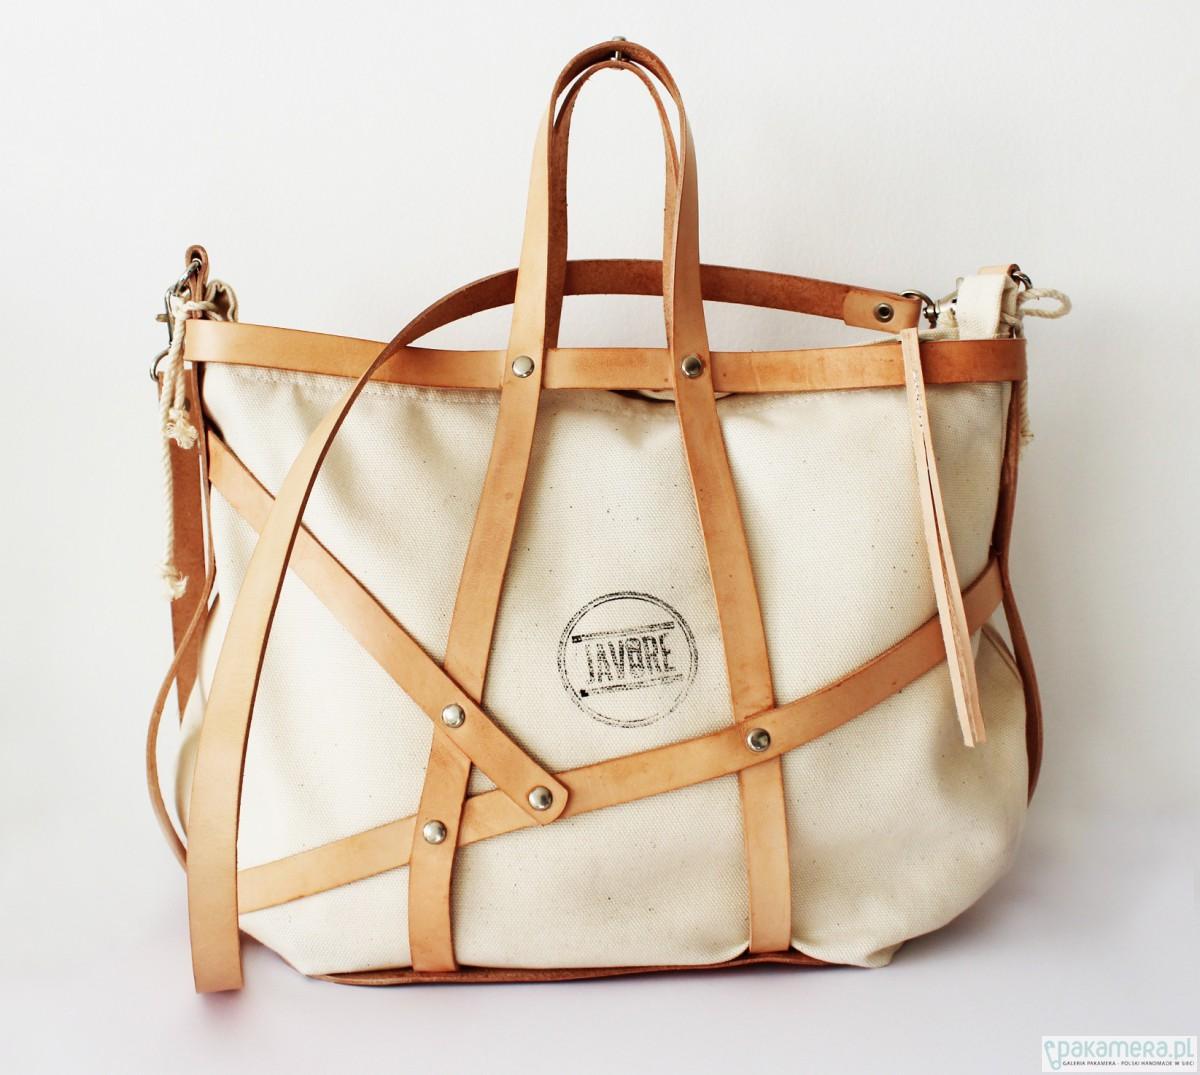 6588c14e2c60c Idealna na LATO! Torebka - koszyk 2w1 - torby na ramię - damskie ...